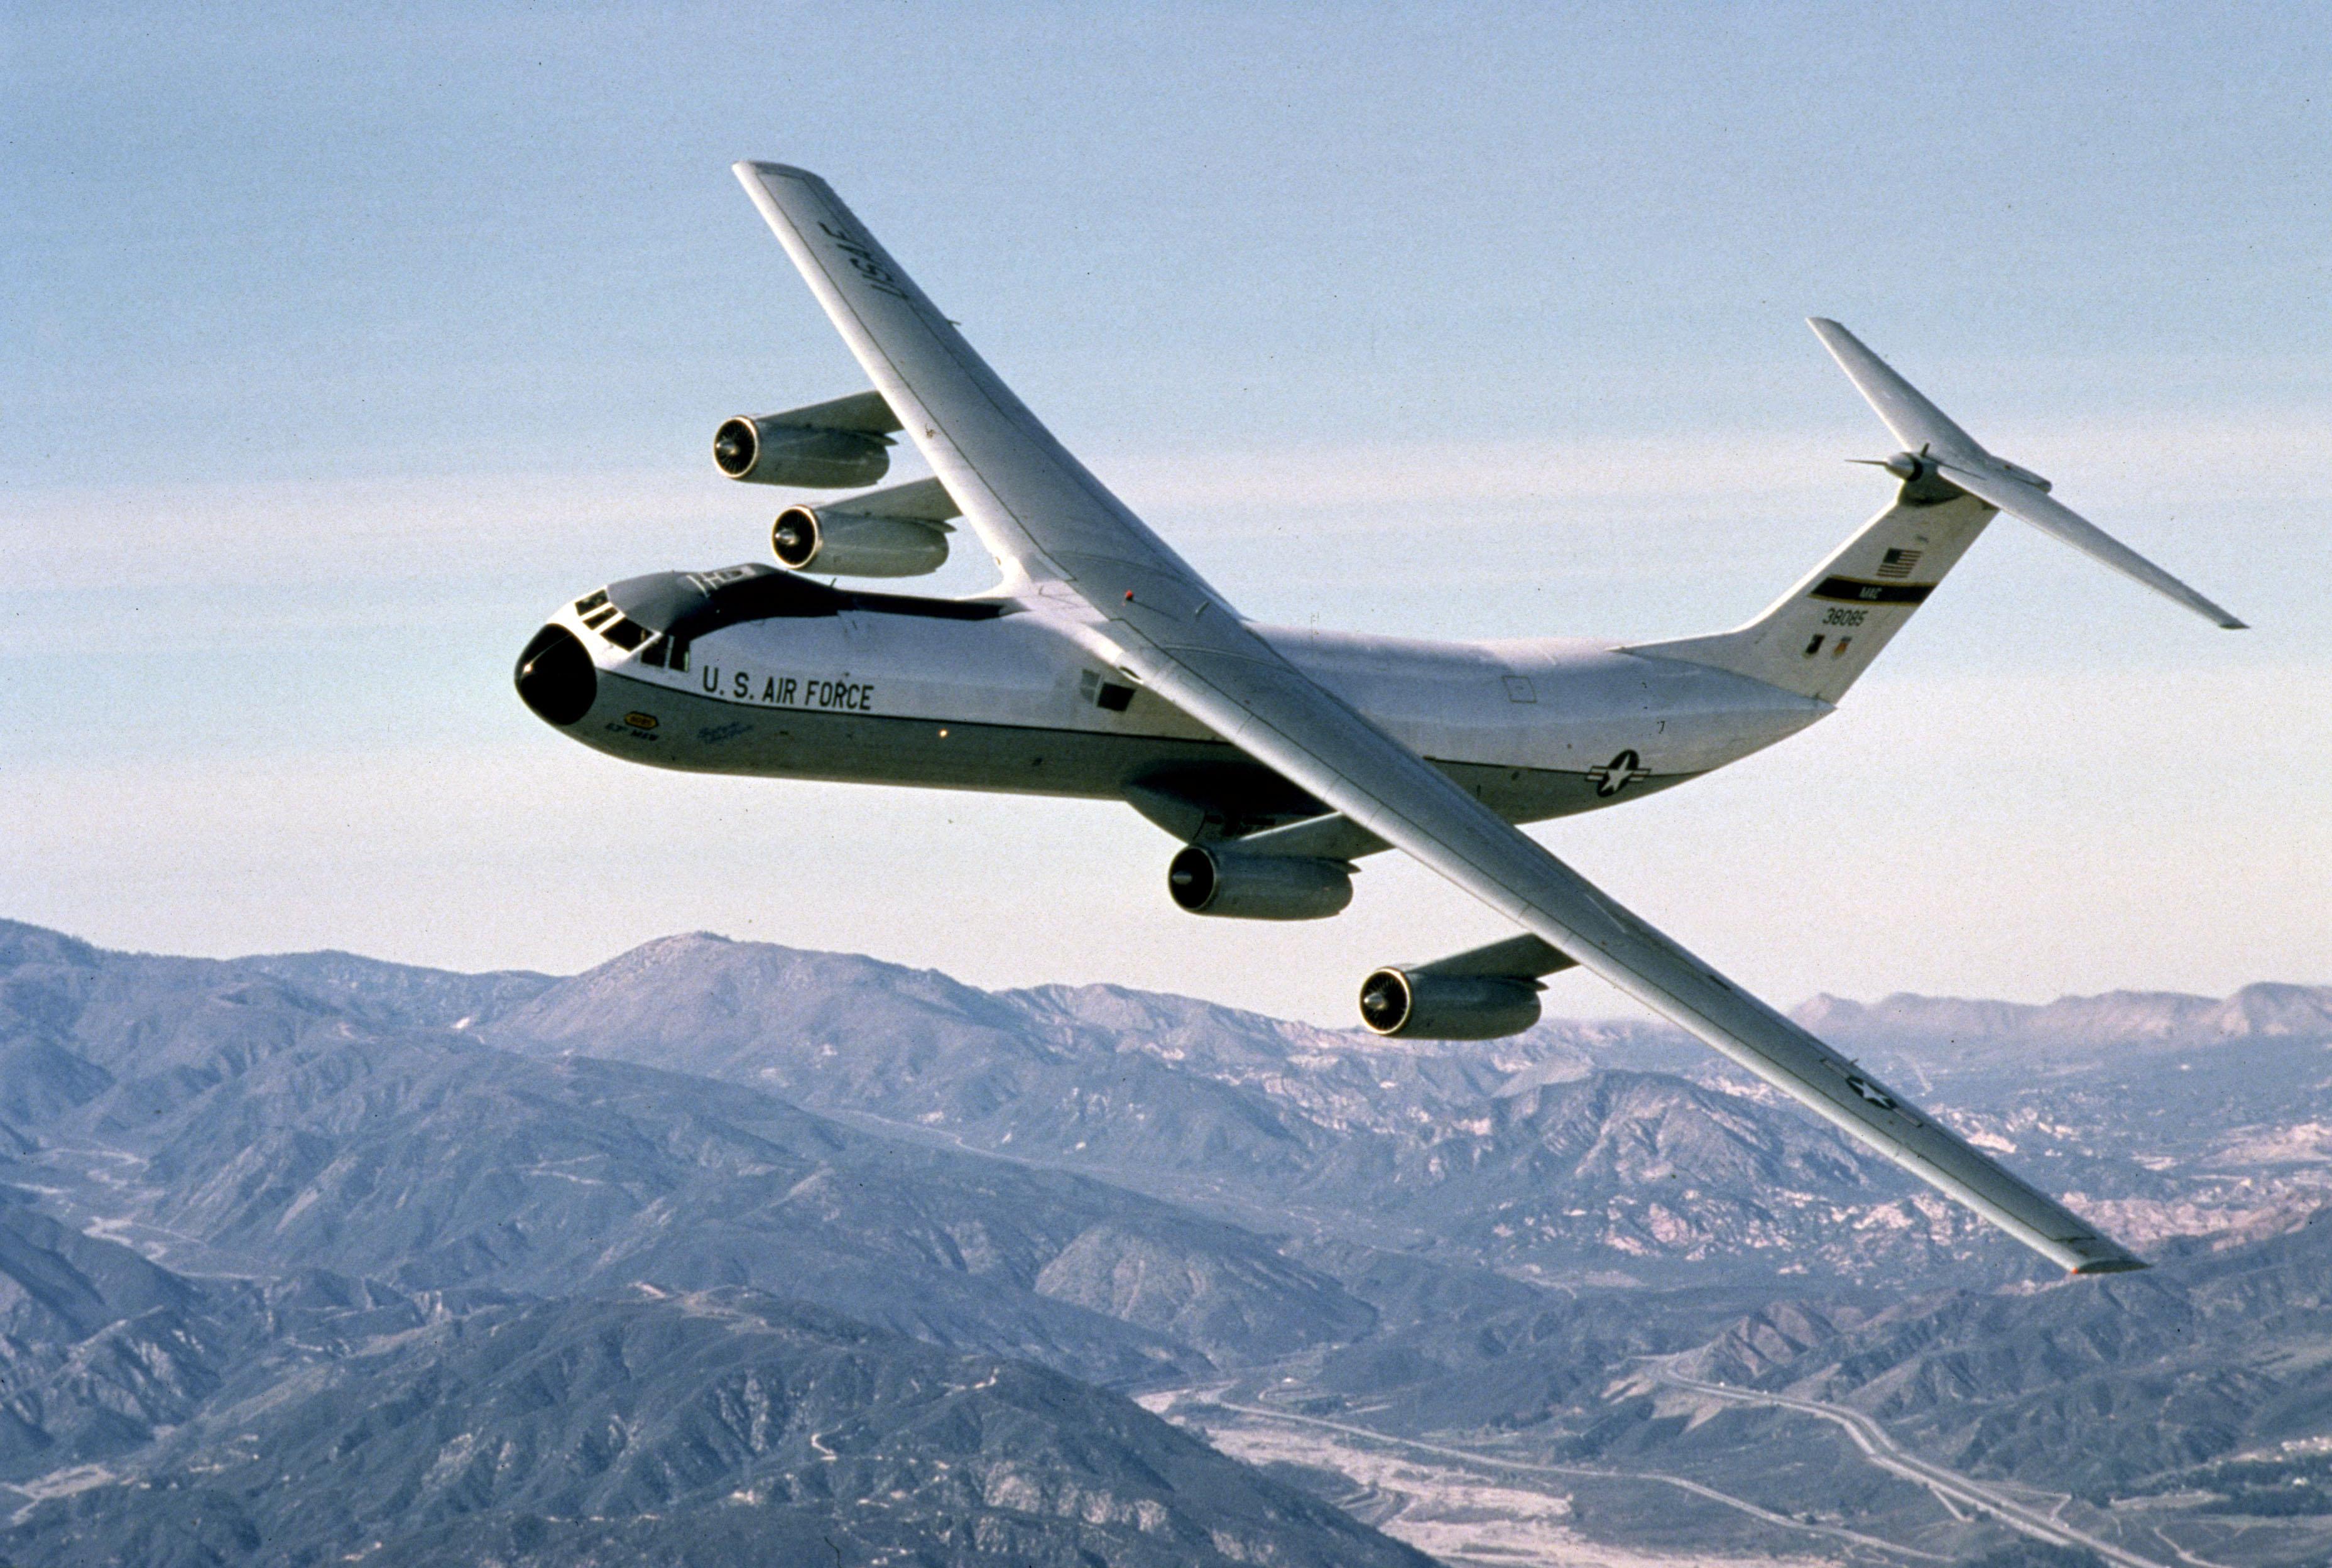 File:C-141 flying.jpg ...